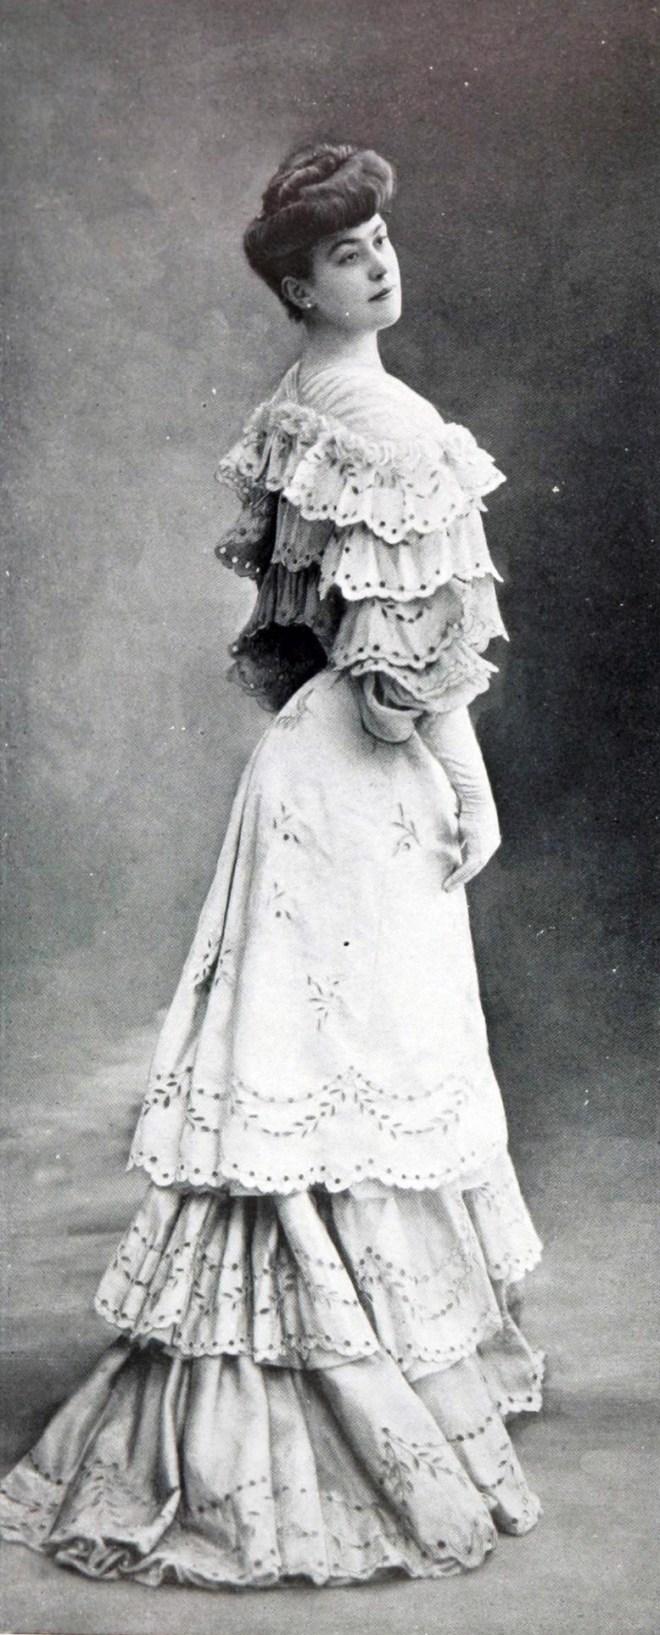 Robe_de_diner_par_Redfern_1904_cropped